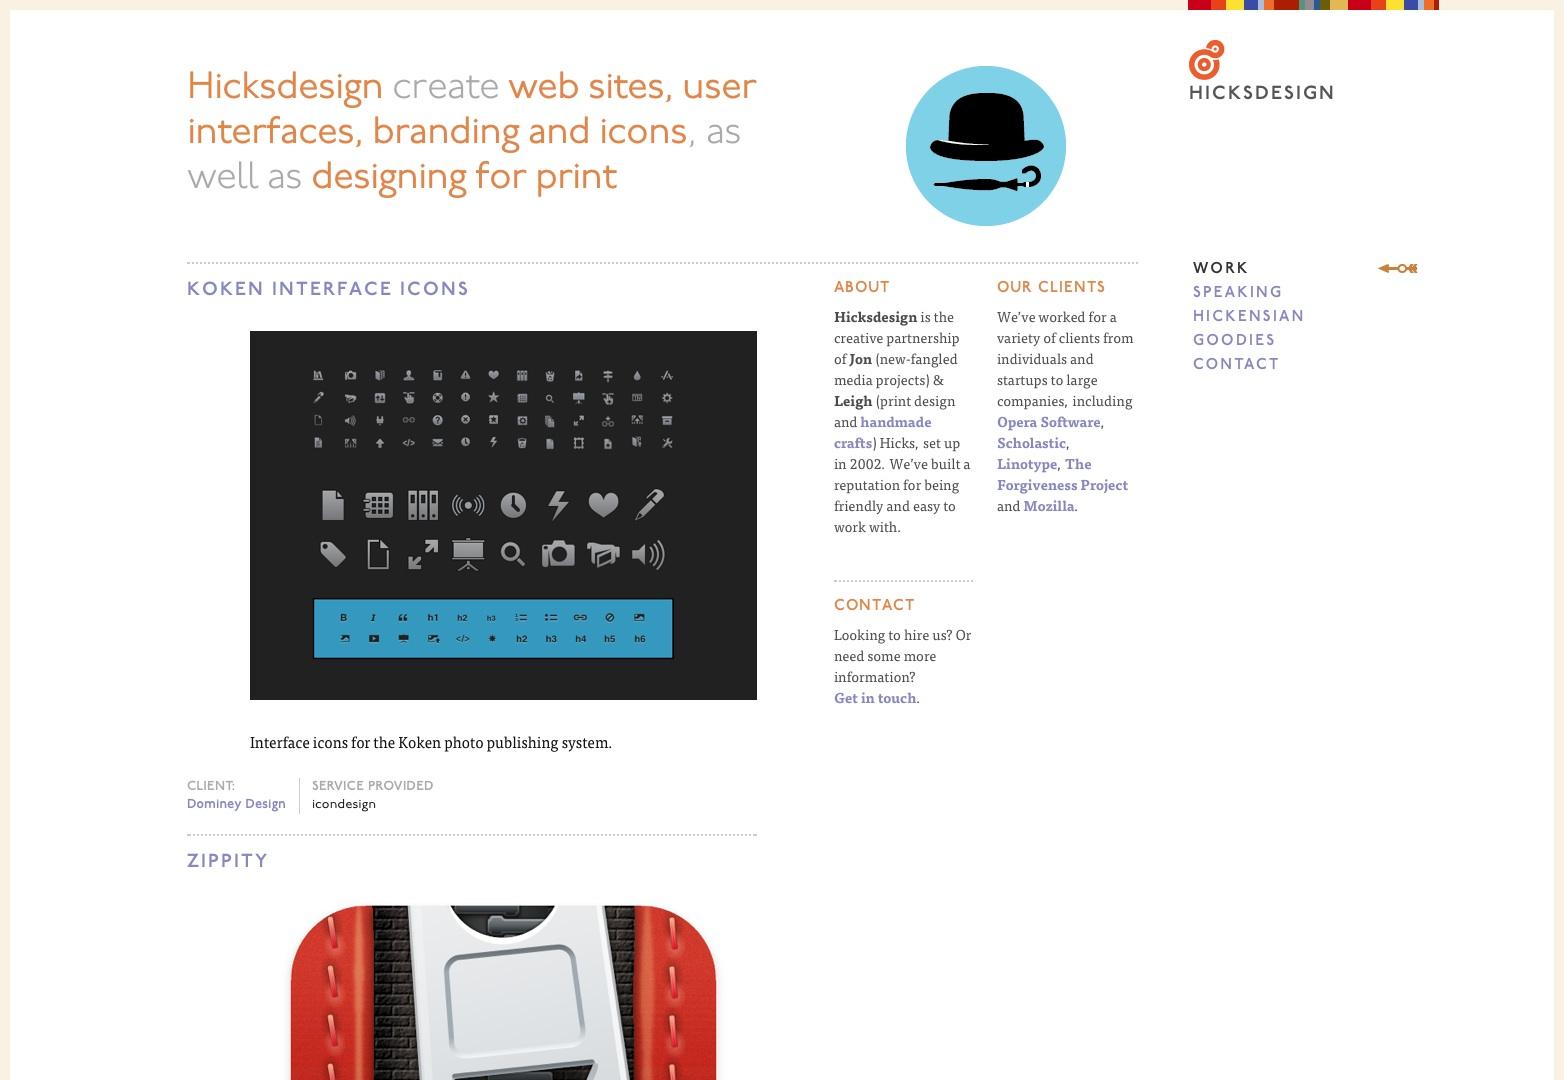 Hicksdesign: design for new-fangled media